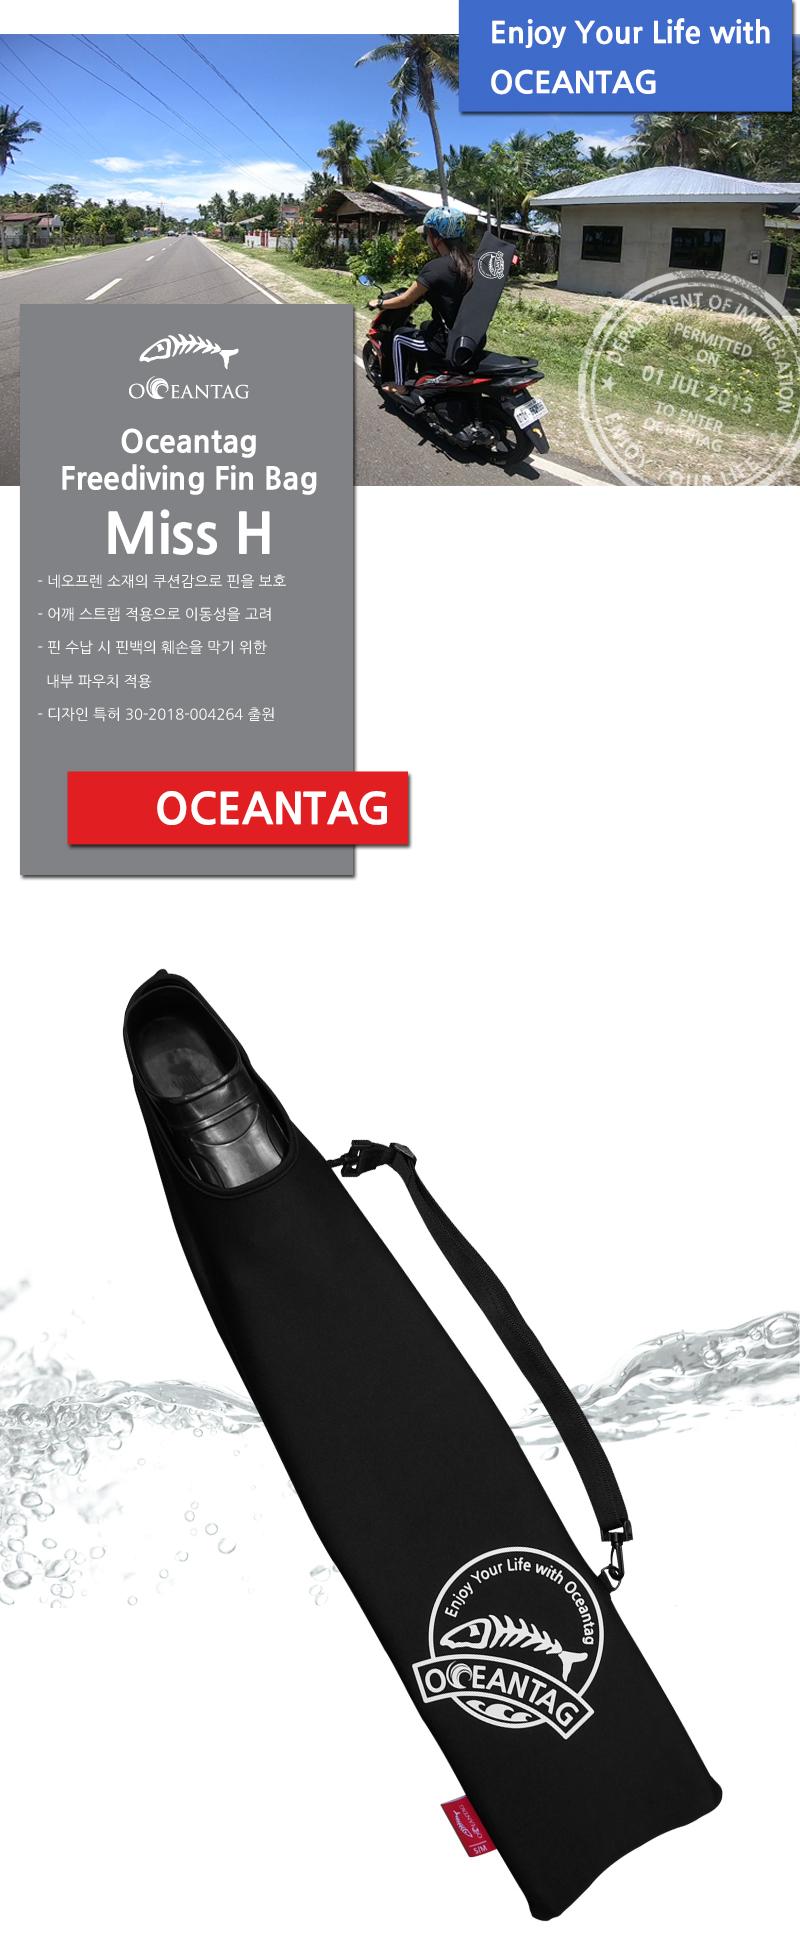 오션테그 프리다이빙 네오프랜 롱핀백 롱핀가방 MISS H - 오션테그, 59,000원, 튜브/구명조끼, 기타 수영용품